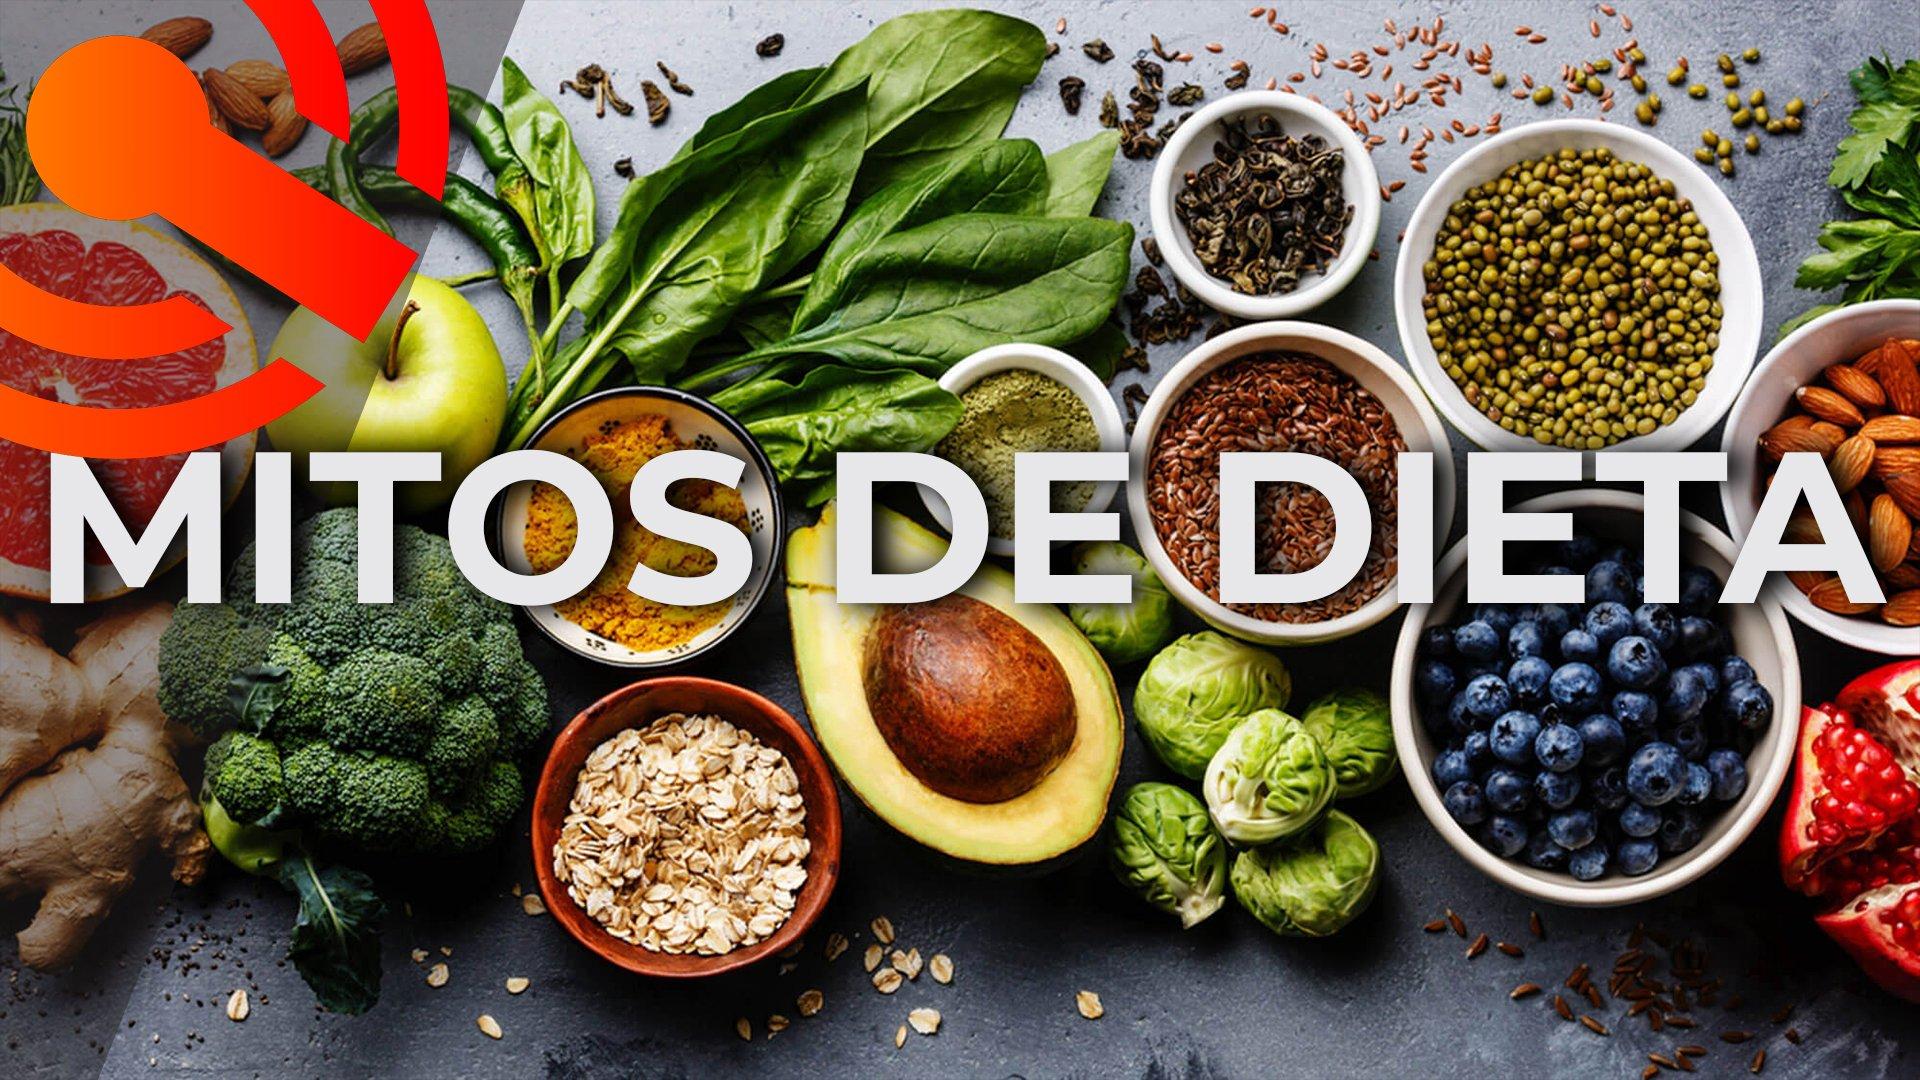 Mitos de dieta